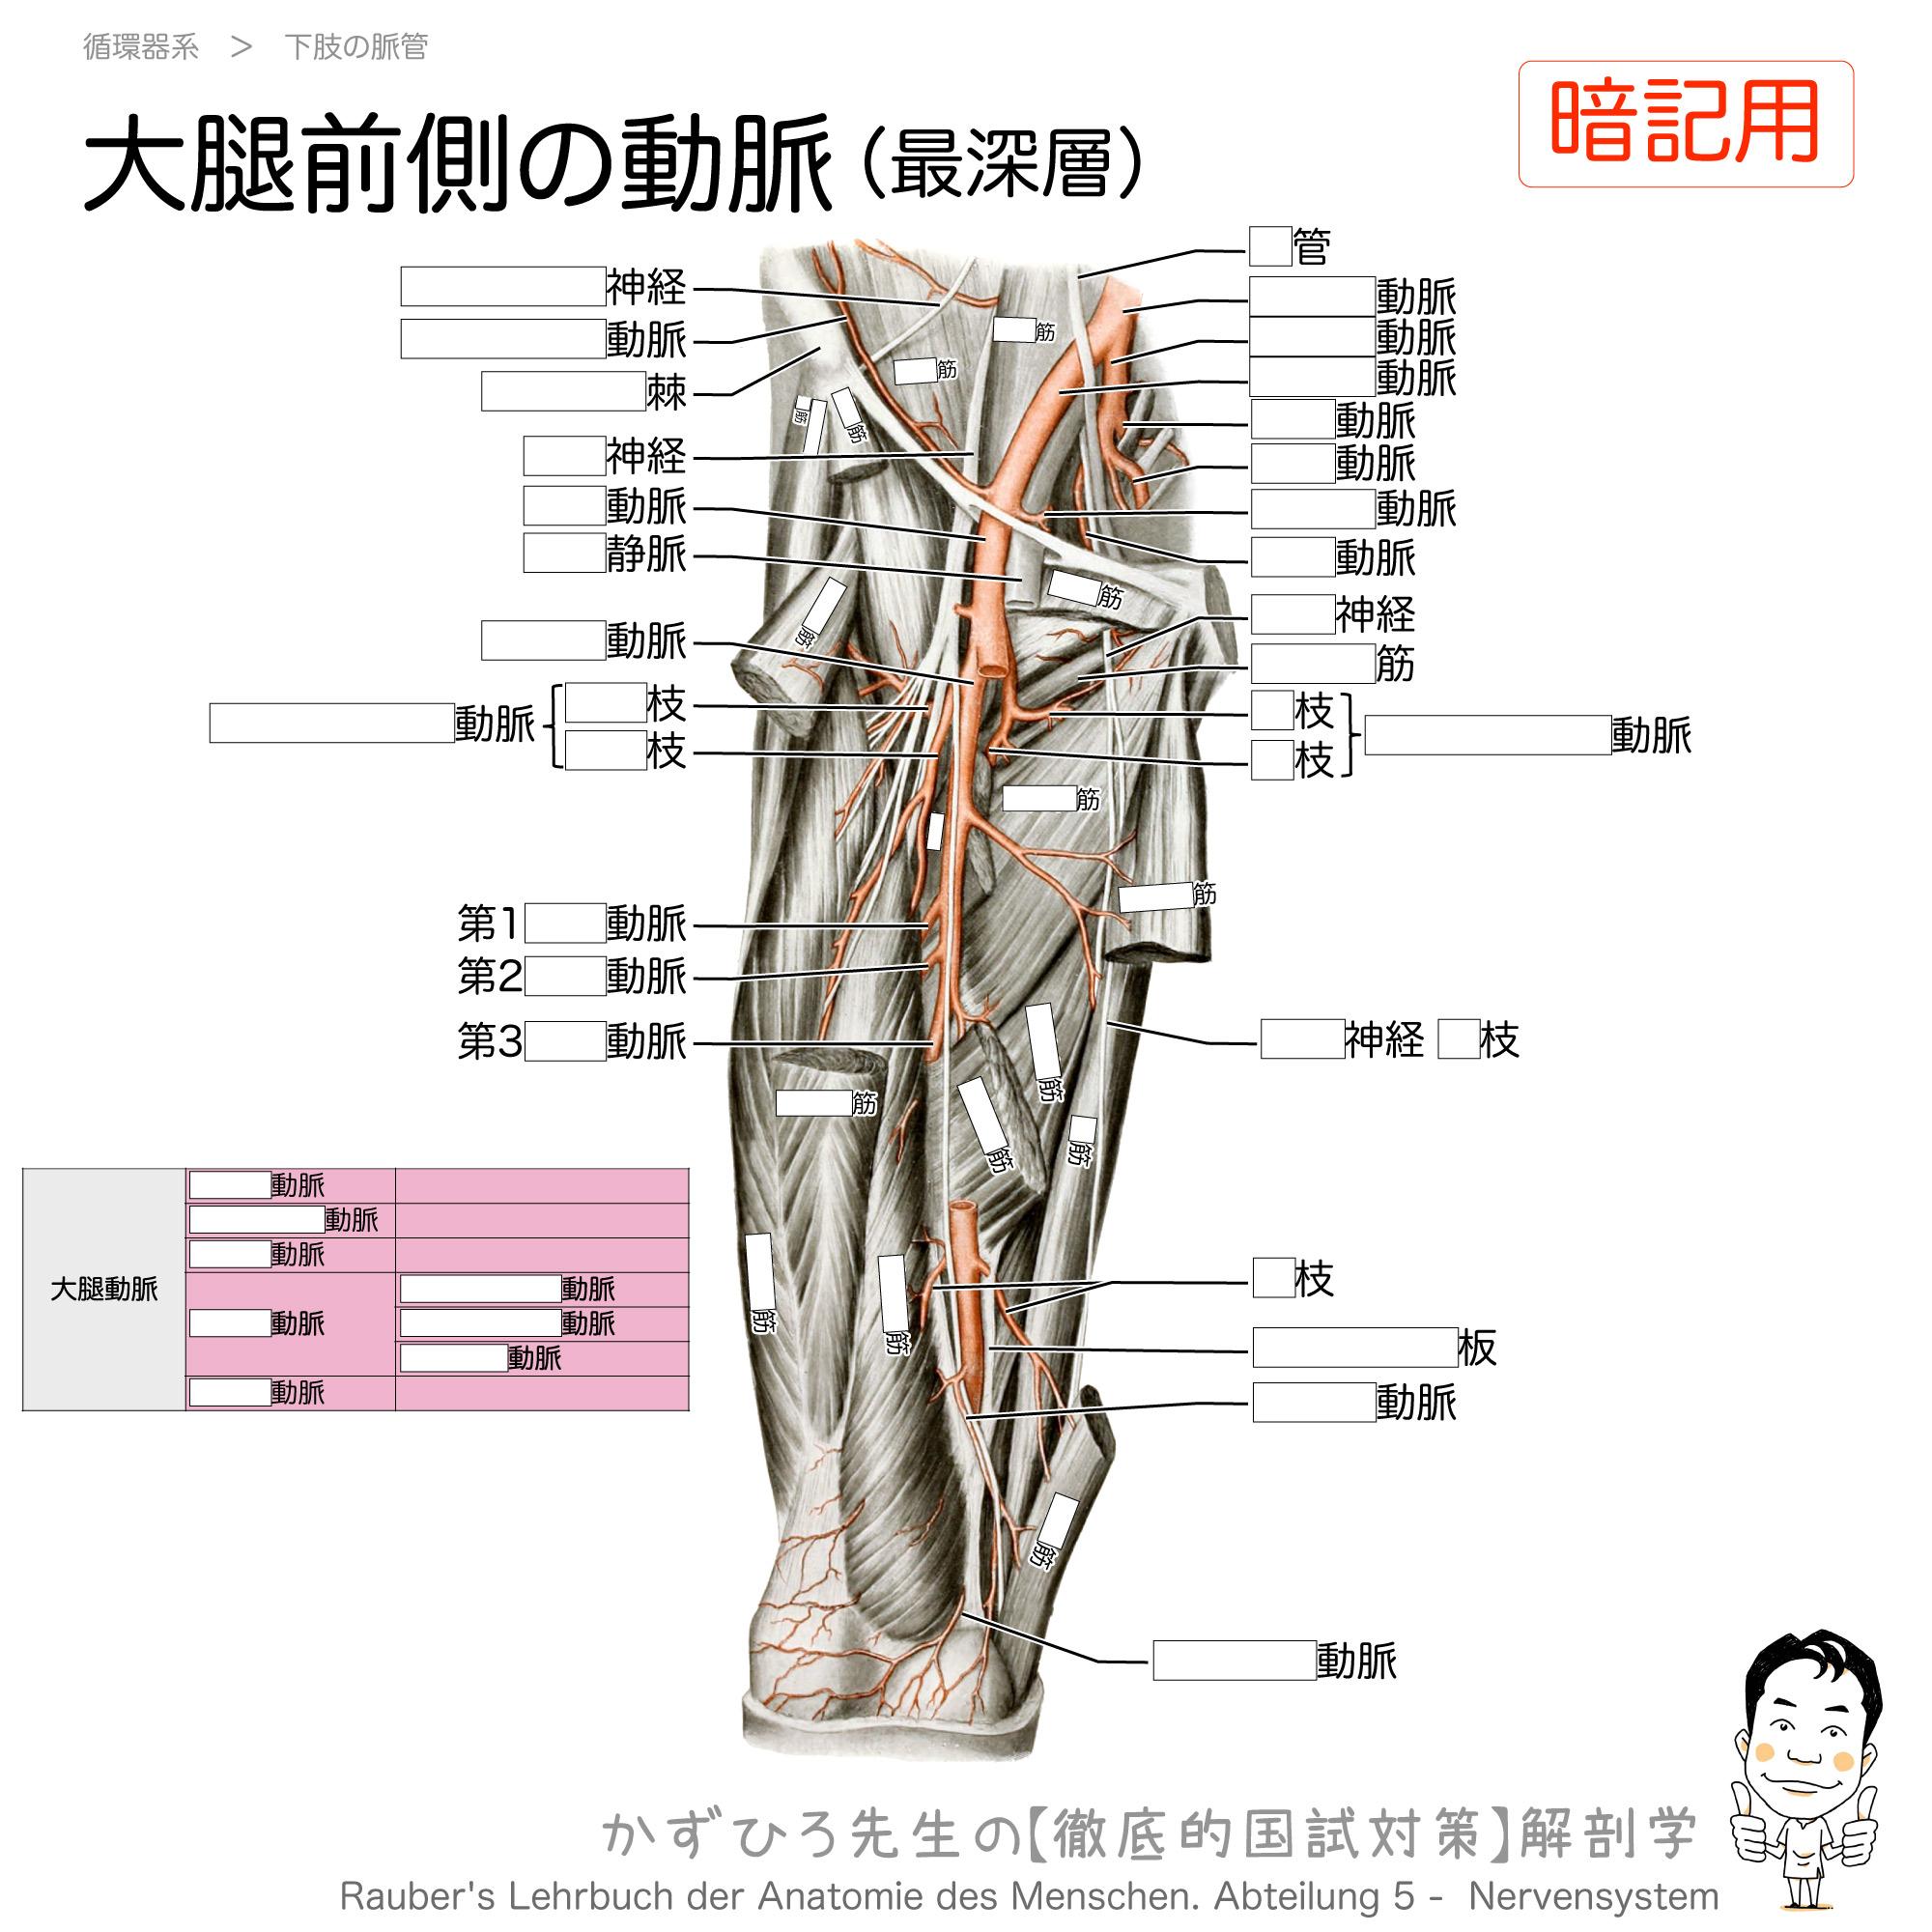 大腿深動脈とその枝(内側大腿回旋動脈・外側大腿回旋動脈・貫通動脈)(暗記用)